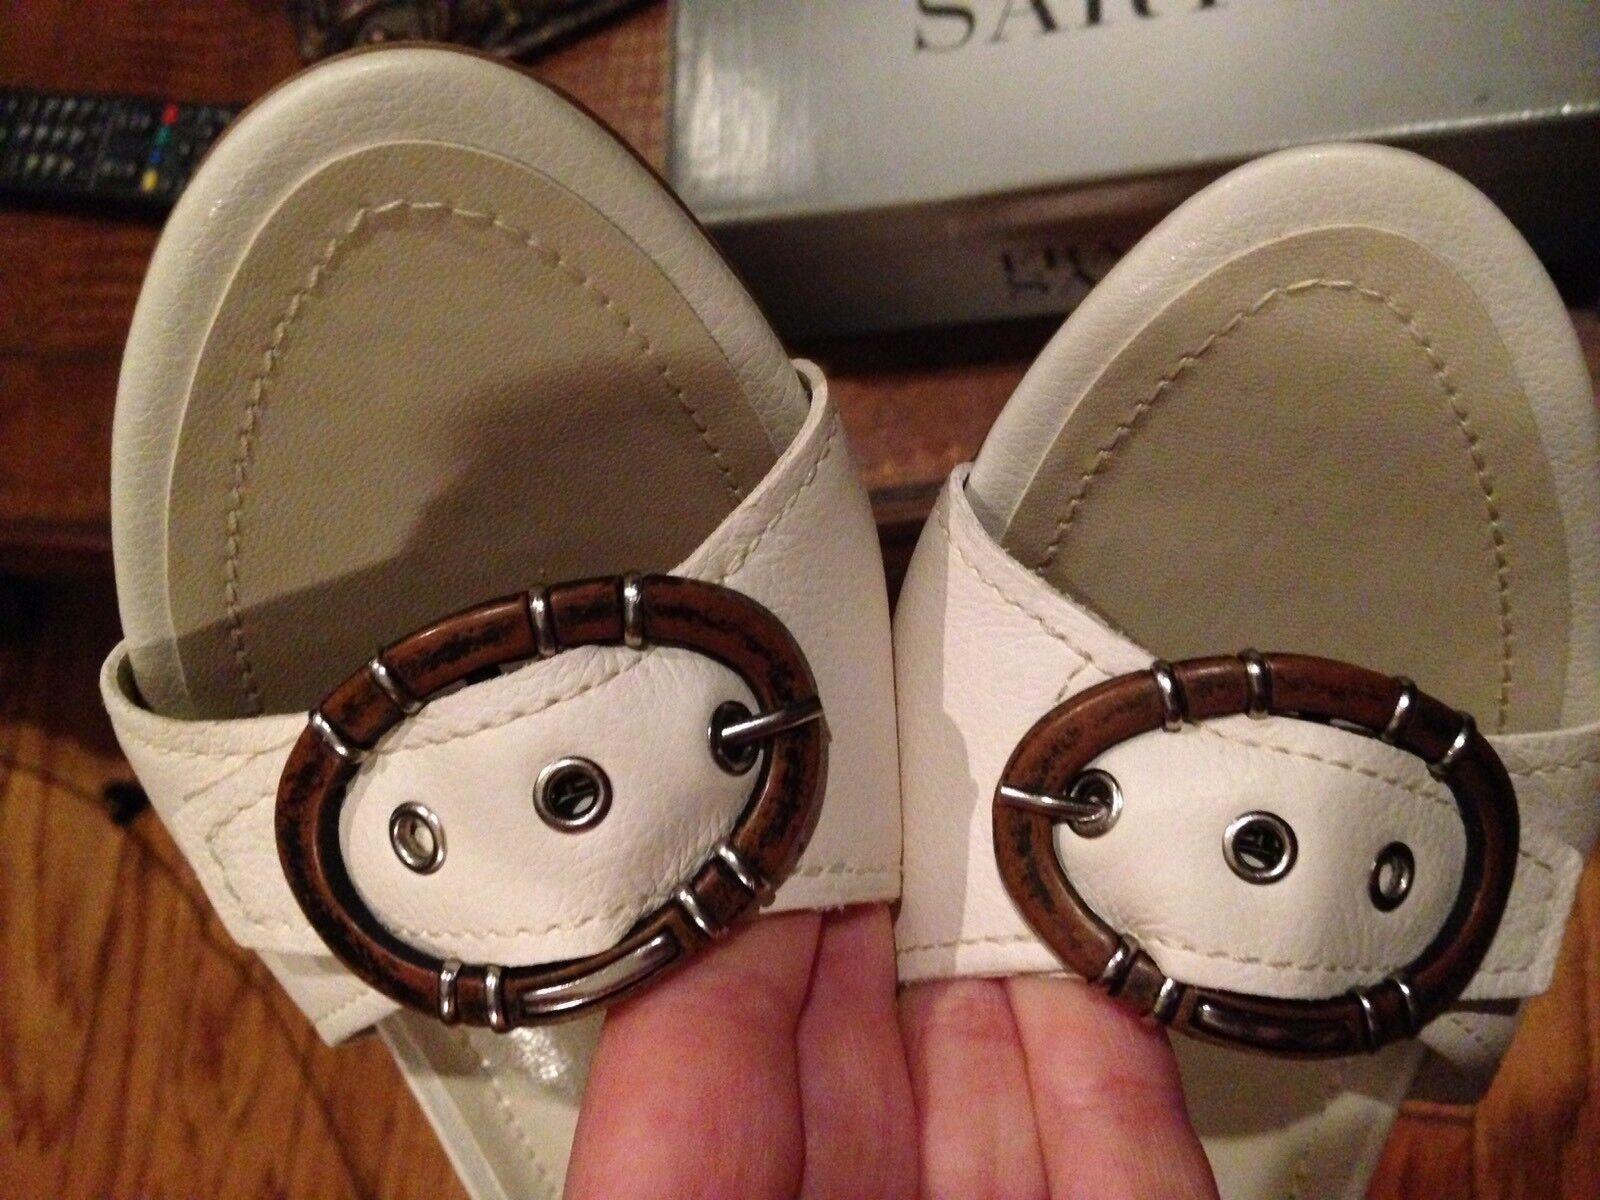 NEU Franco Sarto 8 Slides Schuhes Sandales Low Heels Slip Ons Creme Buckle Leder